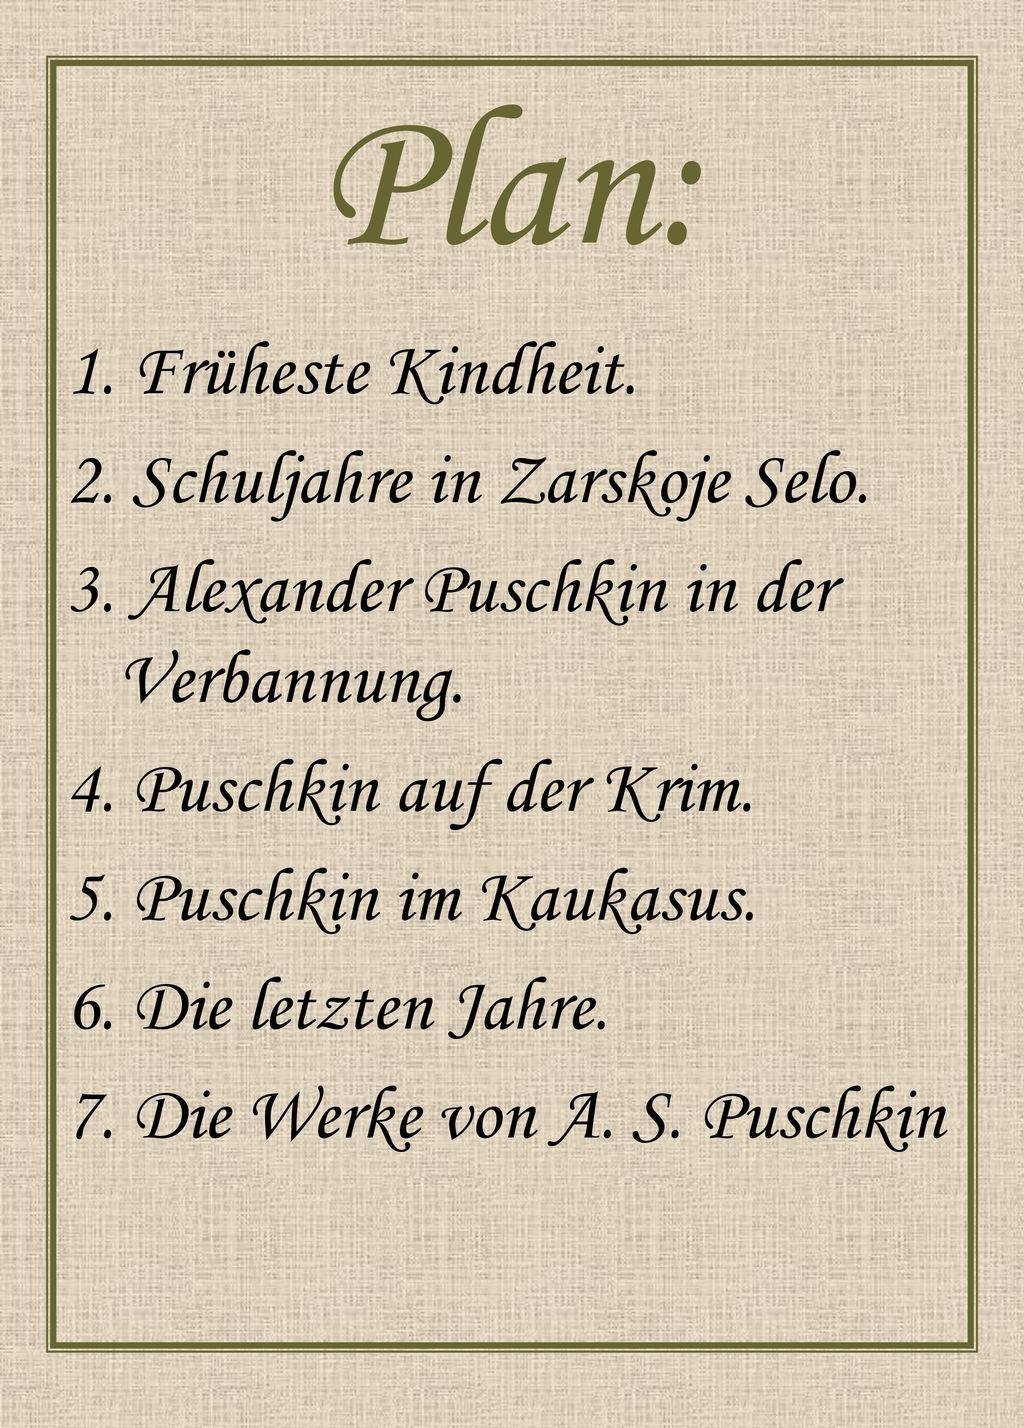 Der Große Russische Dichter As Puschkin Ppt Herunterladen